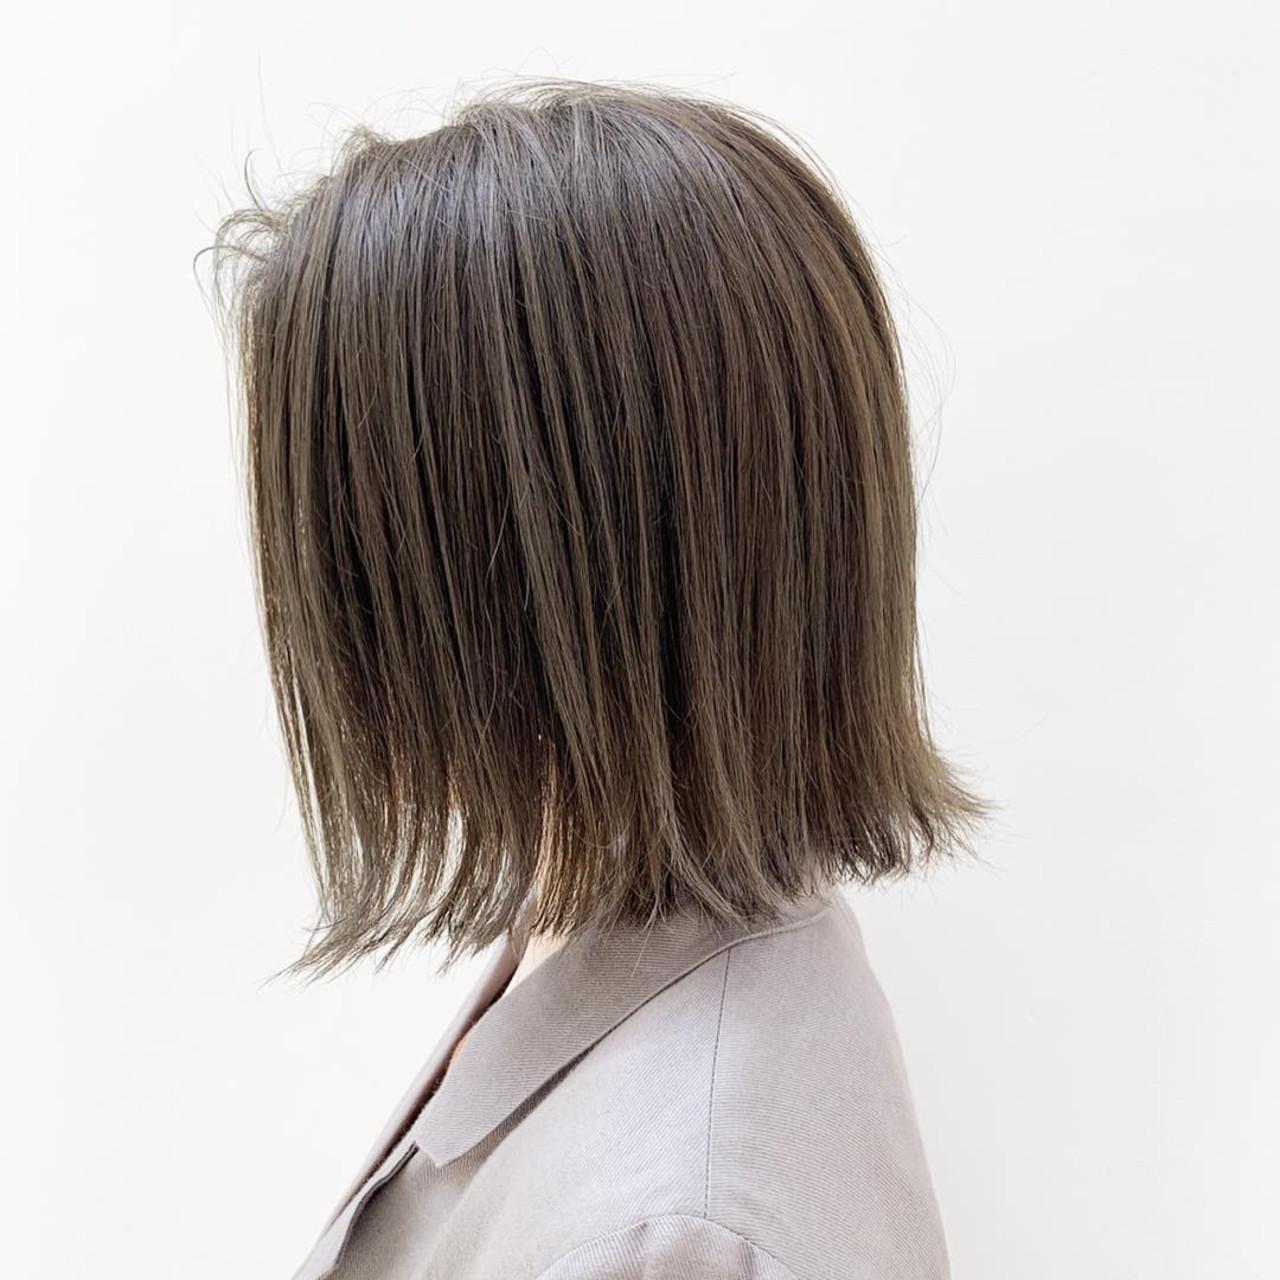 ヘアカラー ハイライト 透明感カラー ナチュラル ヘアスタイルや髪型の写真・画像 | 富永大樹【小顔ショート】【小顔ミディアム】 / Unami